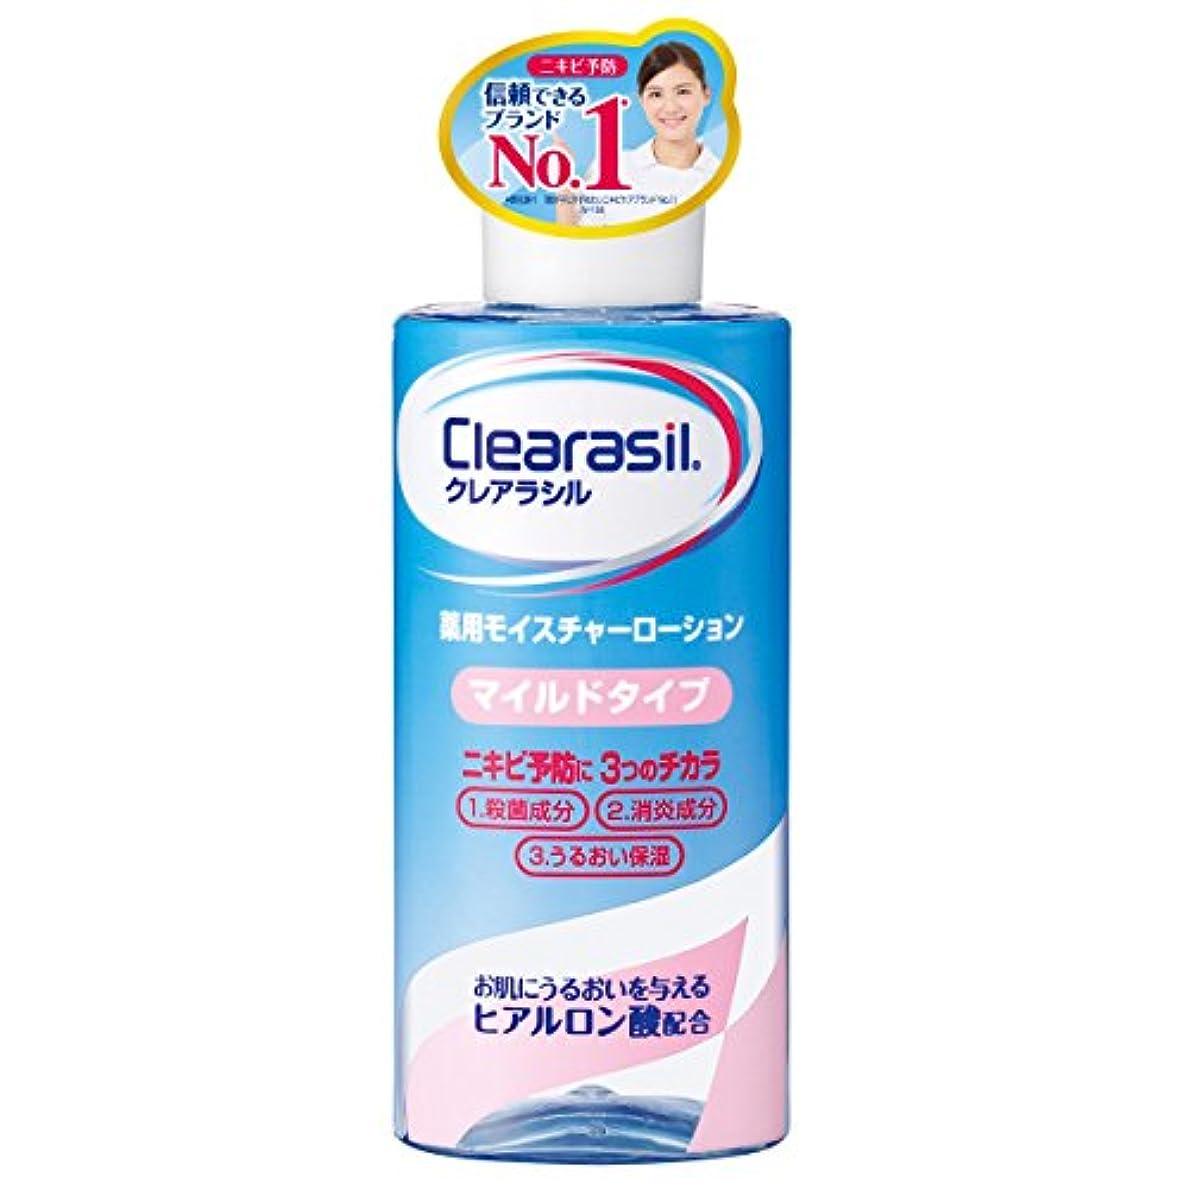 考える妖精他の日クレアラシル ニキビ対策 薬用 モイスチャーローション 肌にやさしいマイルドタイプ 120ml